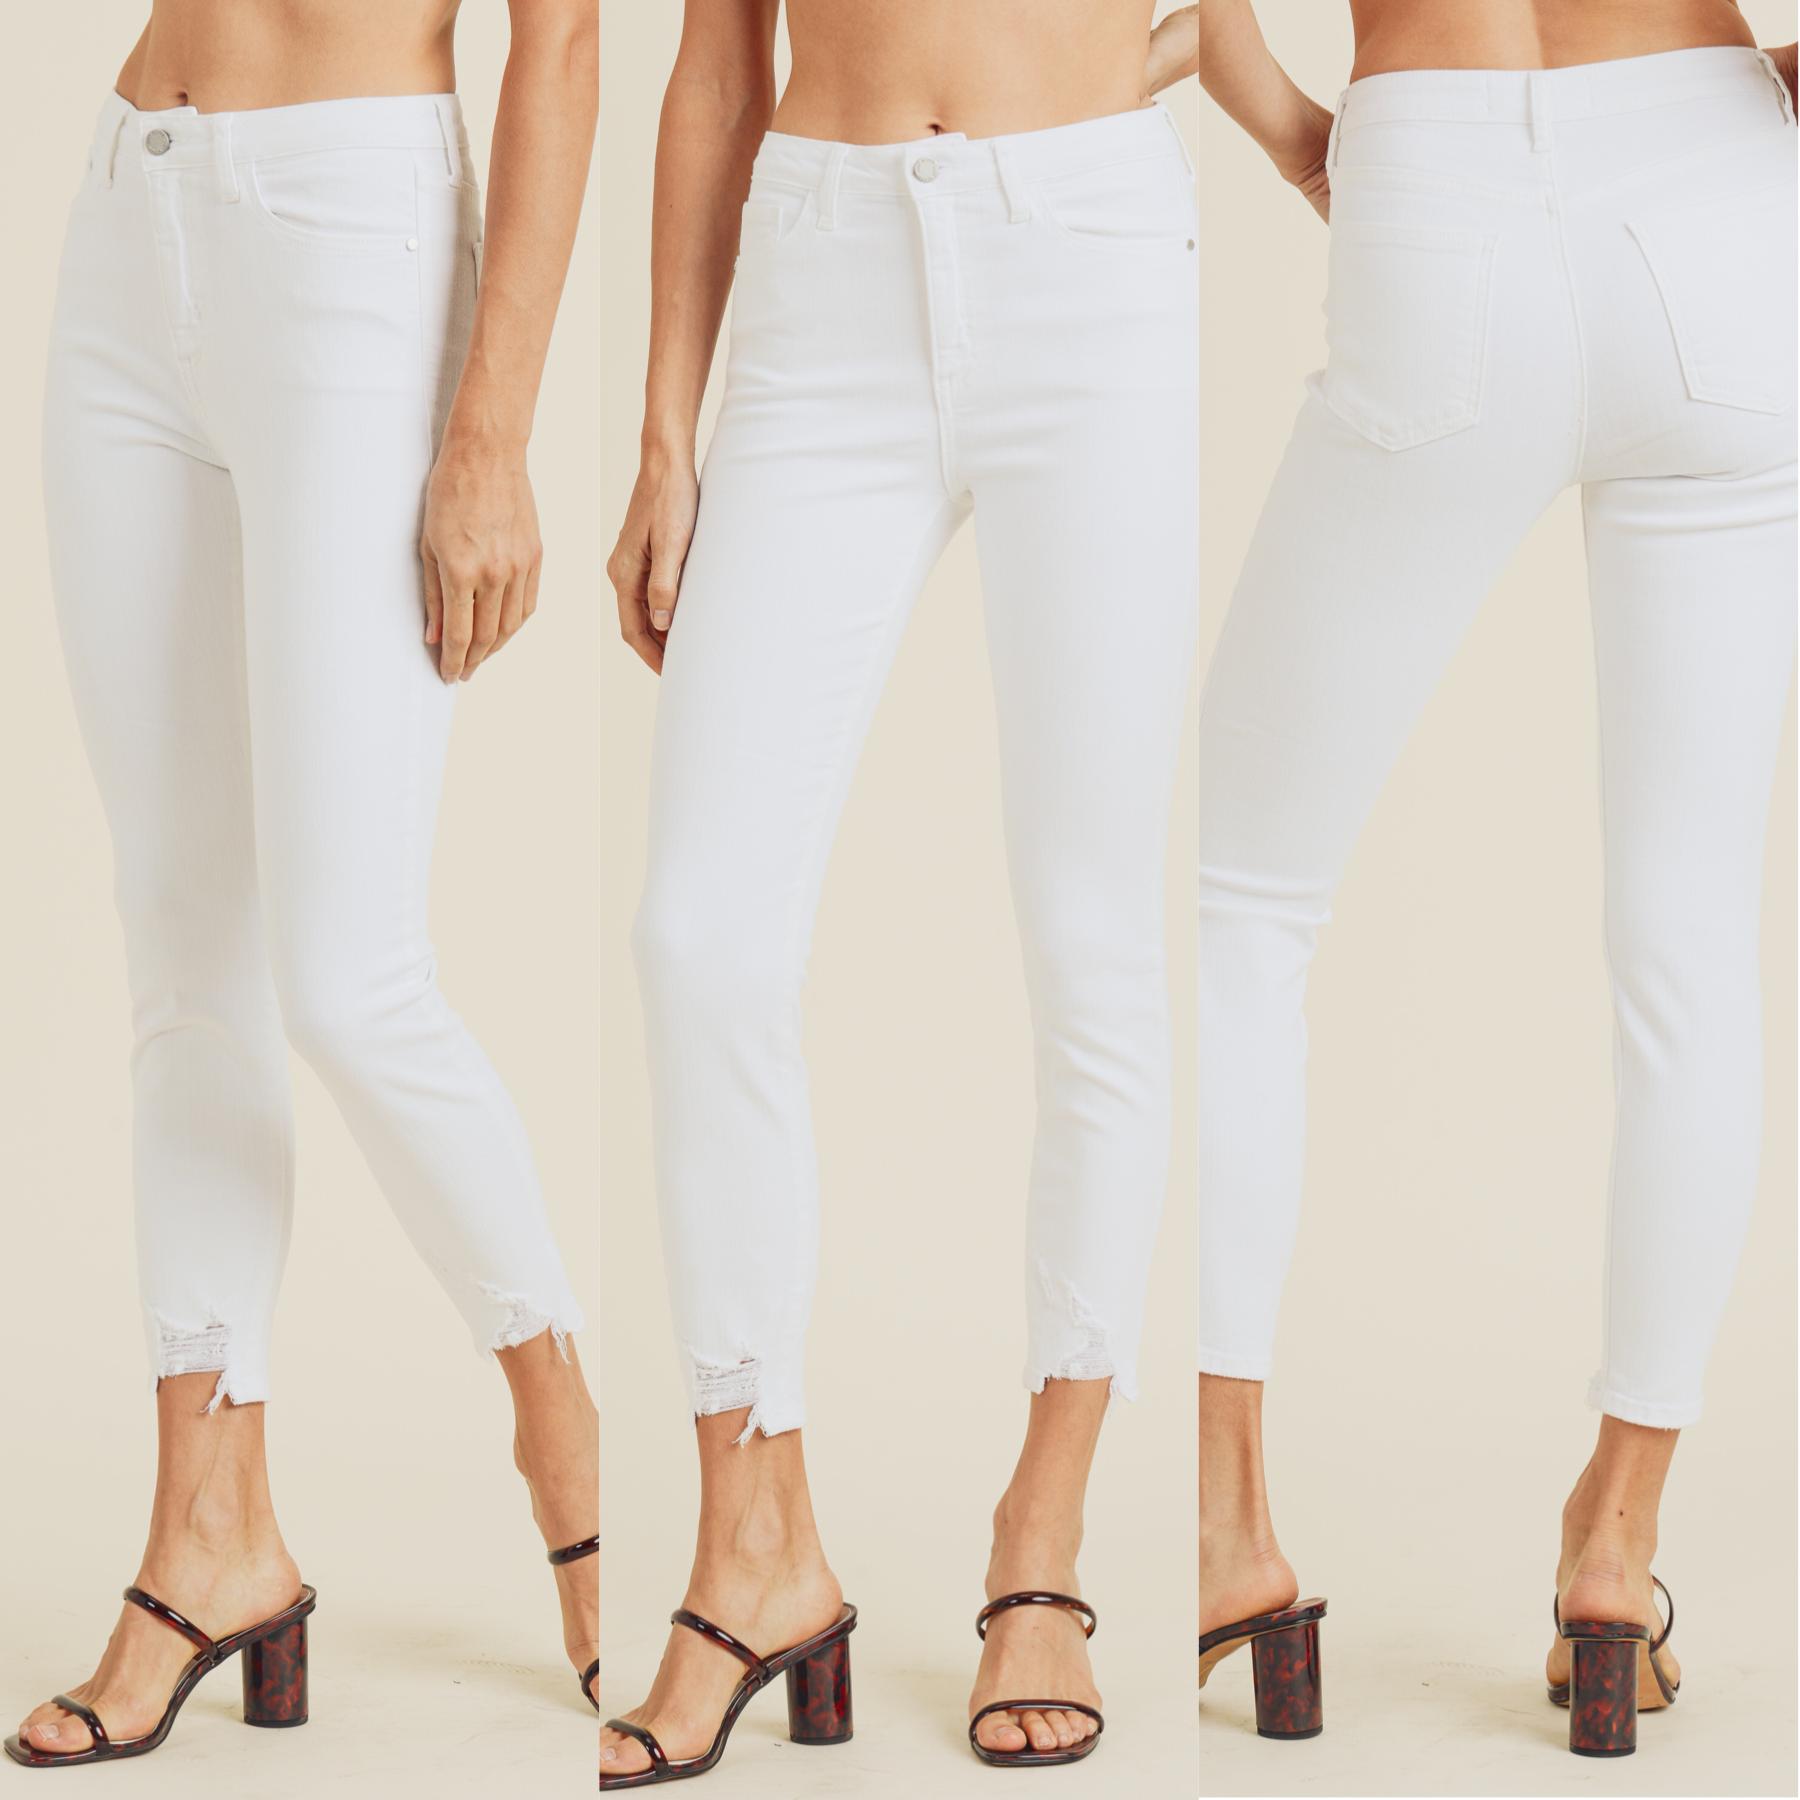 Hem Bite Skinny Jeans